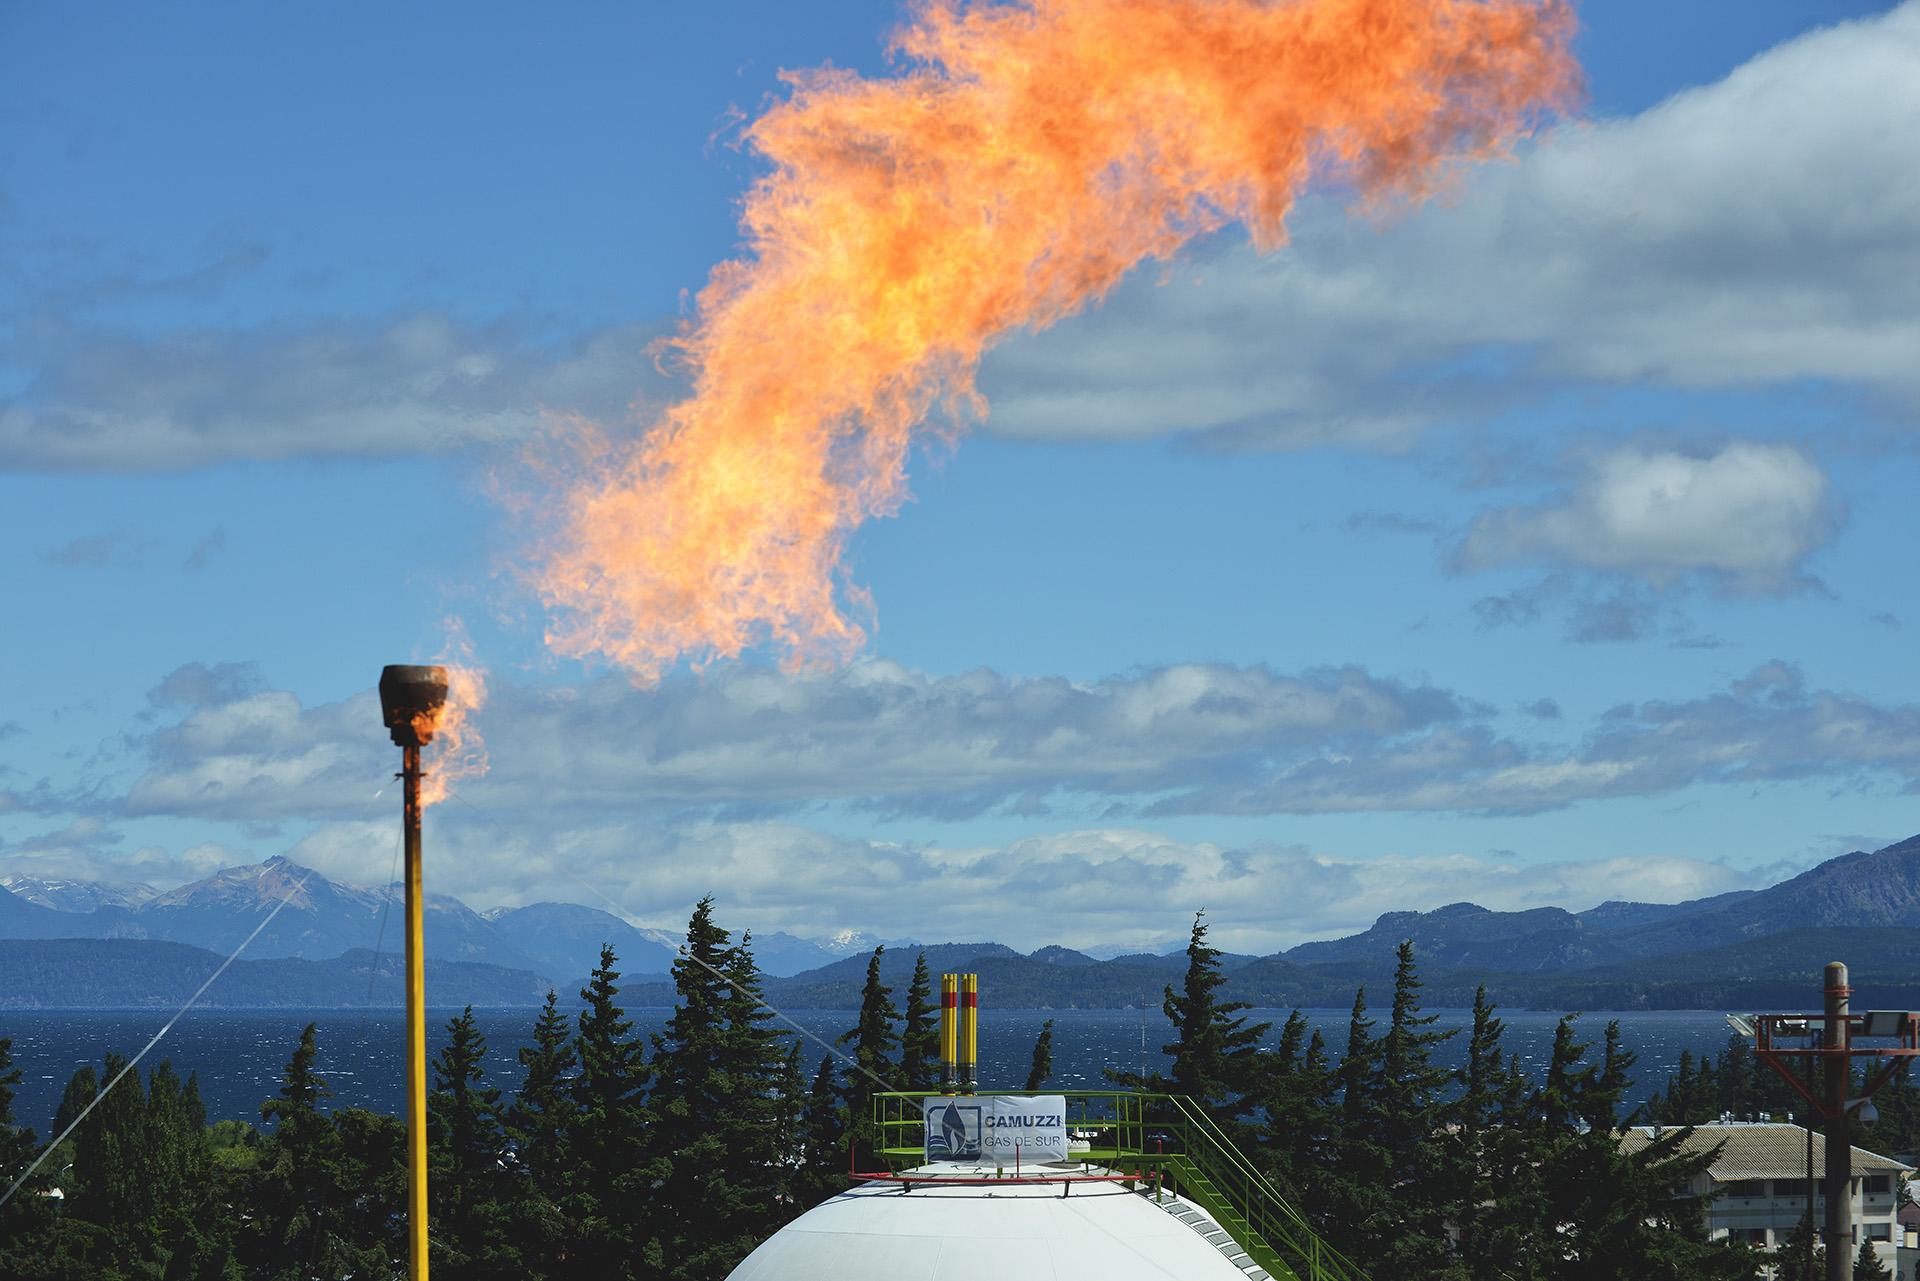 La expectativa es que haya más transparencia en la definición del precio mayorista del gas (Jorge Wohlert)